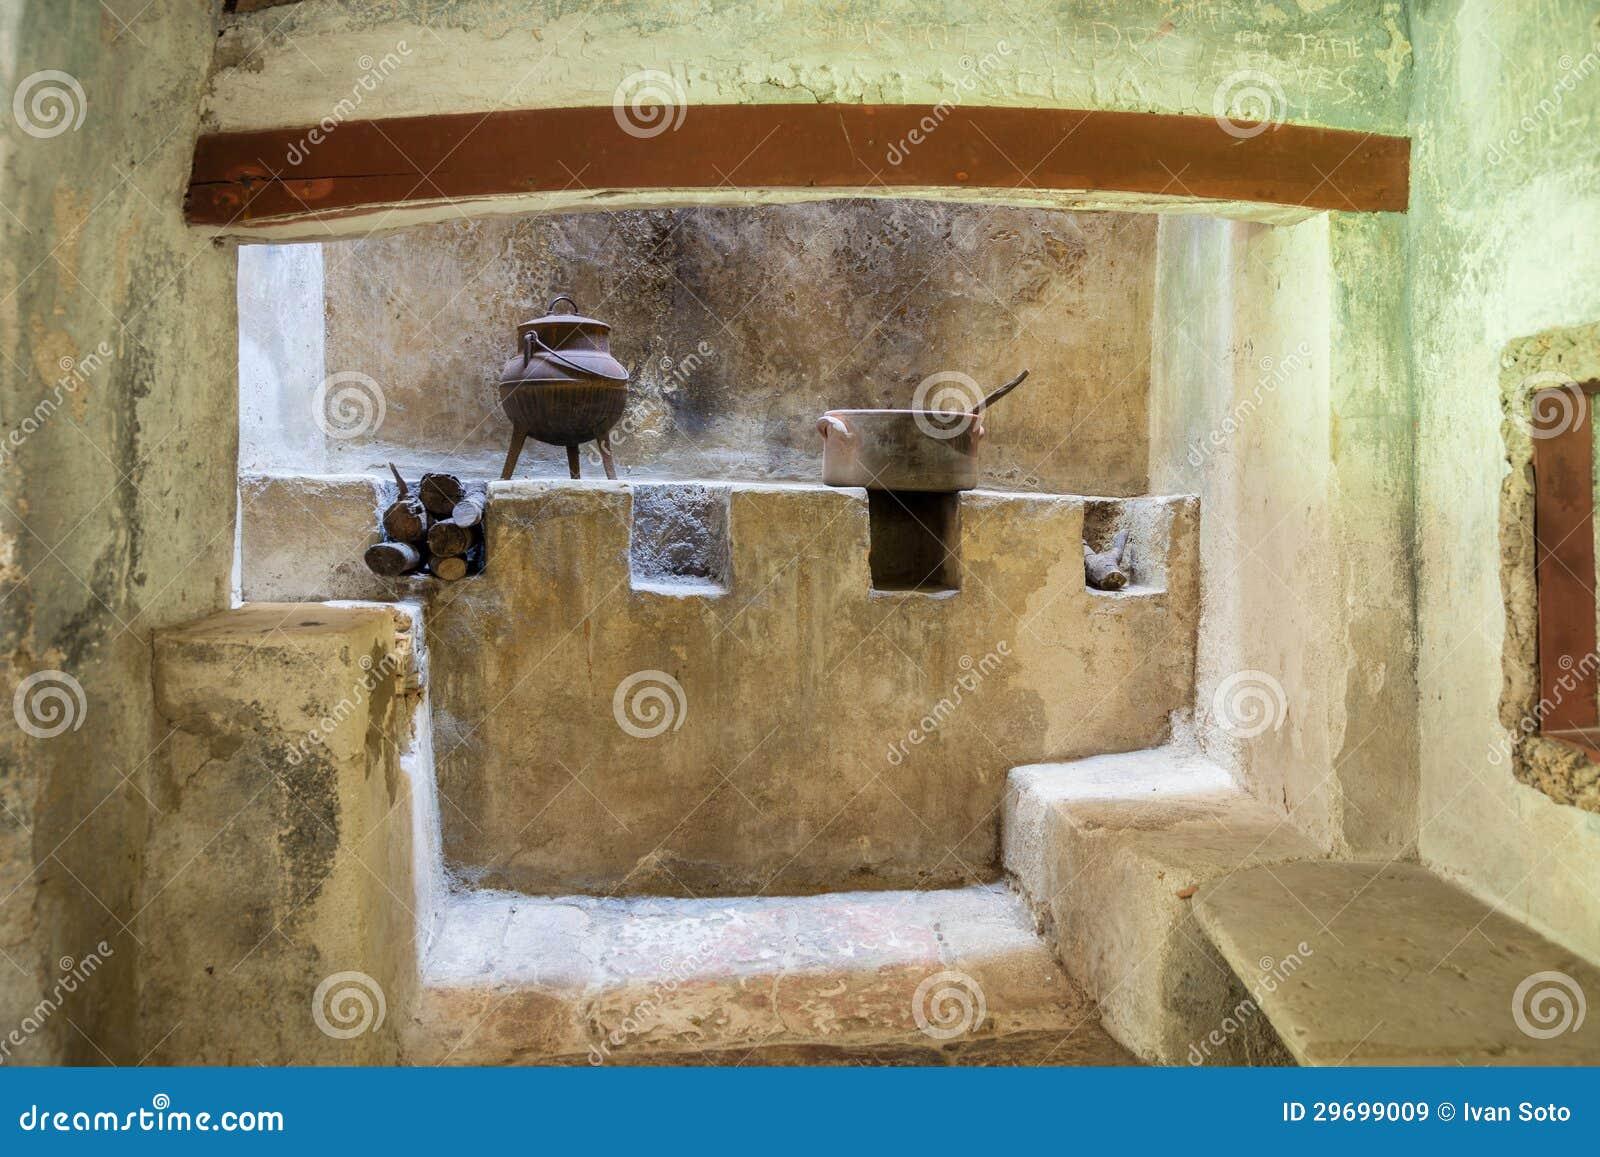 Cucina Rustica Medievale Con Il Camino Immagine Stock - Immagine ...